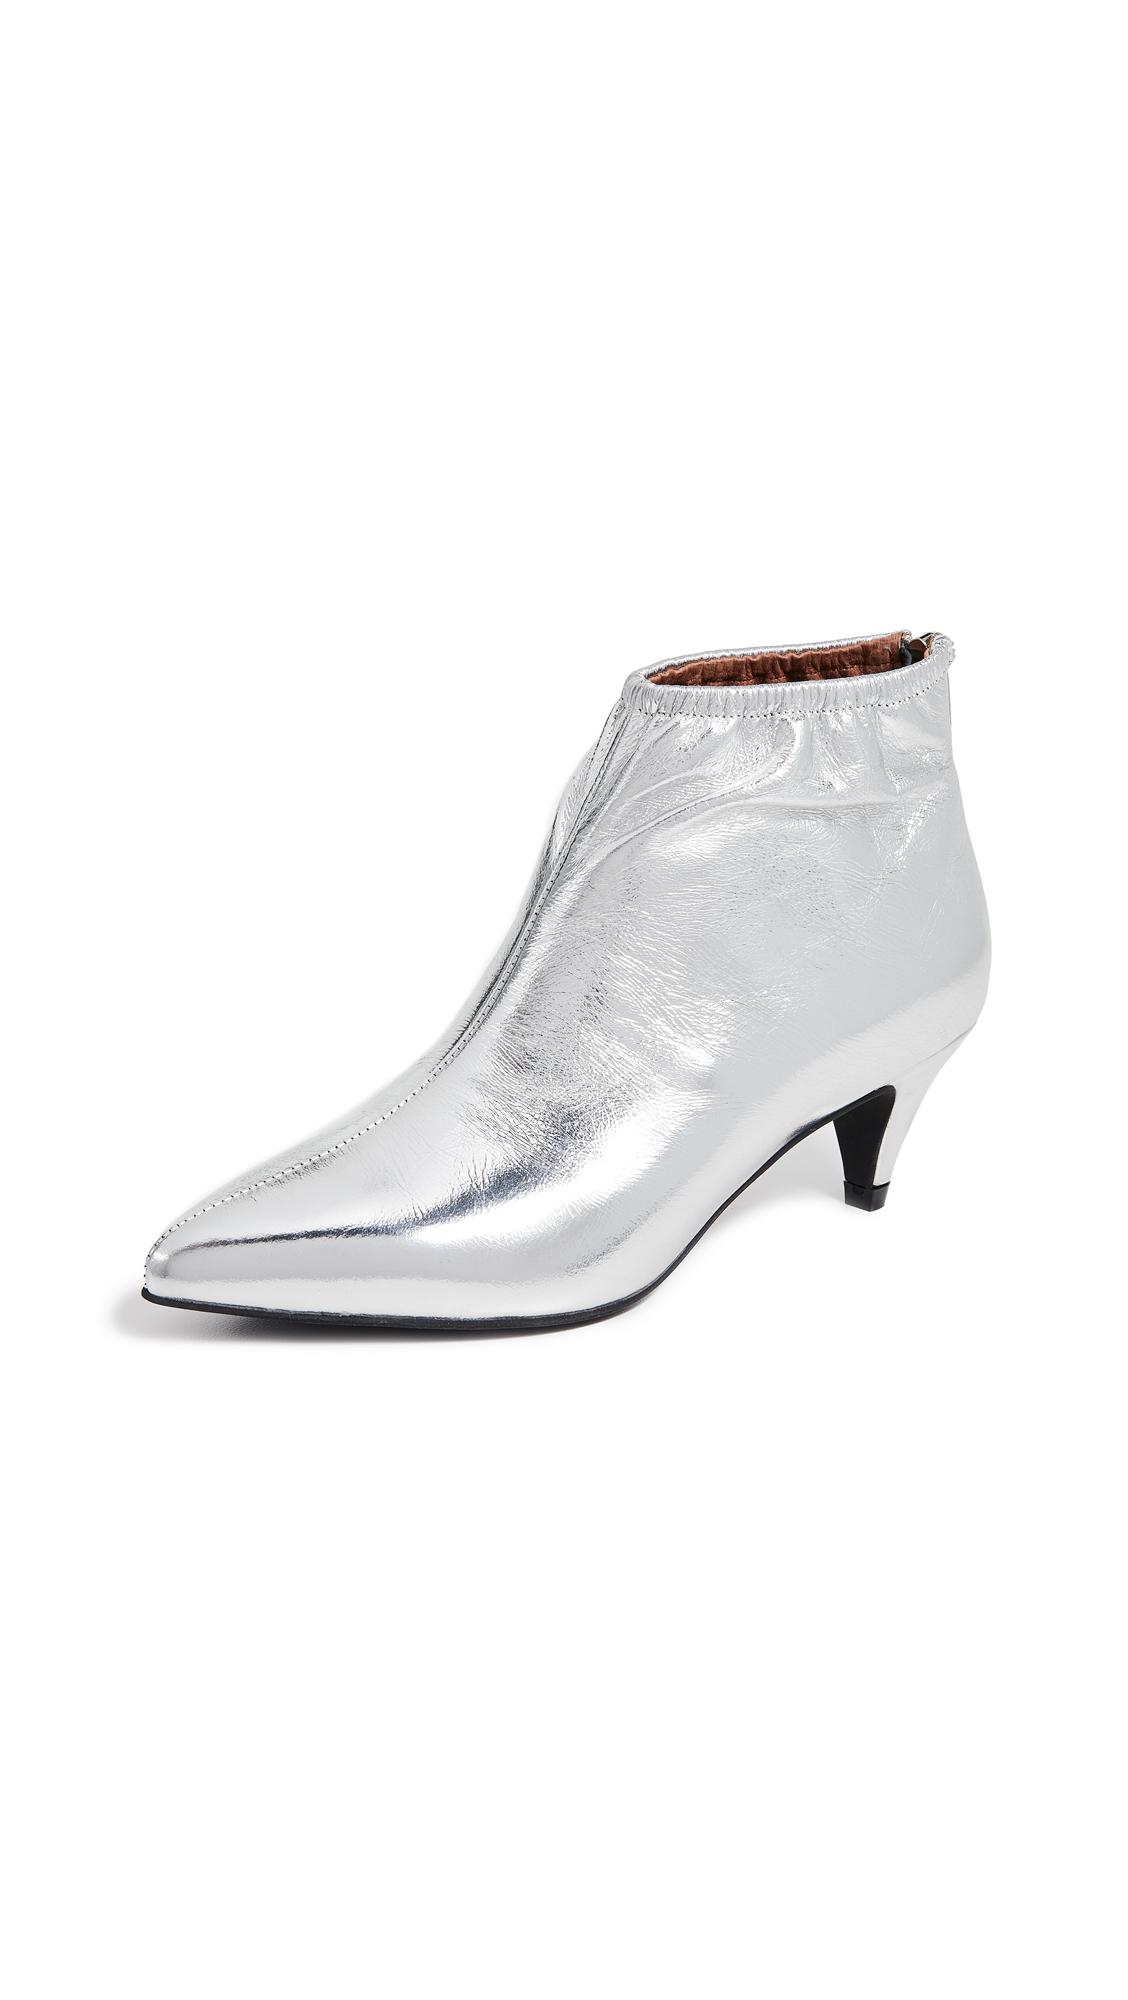 Jeffrey Campbell Zosia Low Heel Booties - Silver